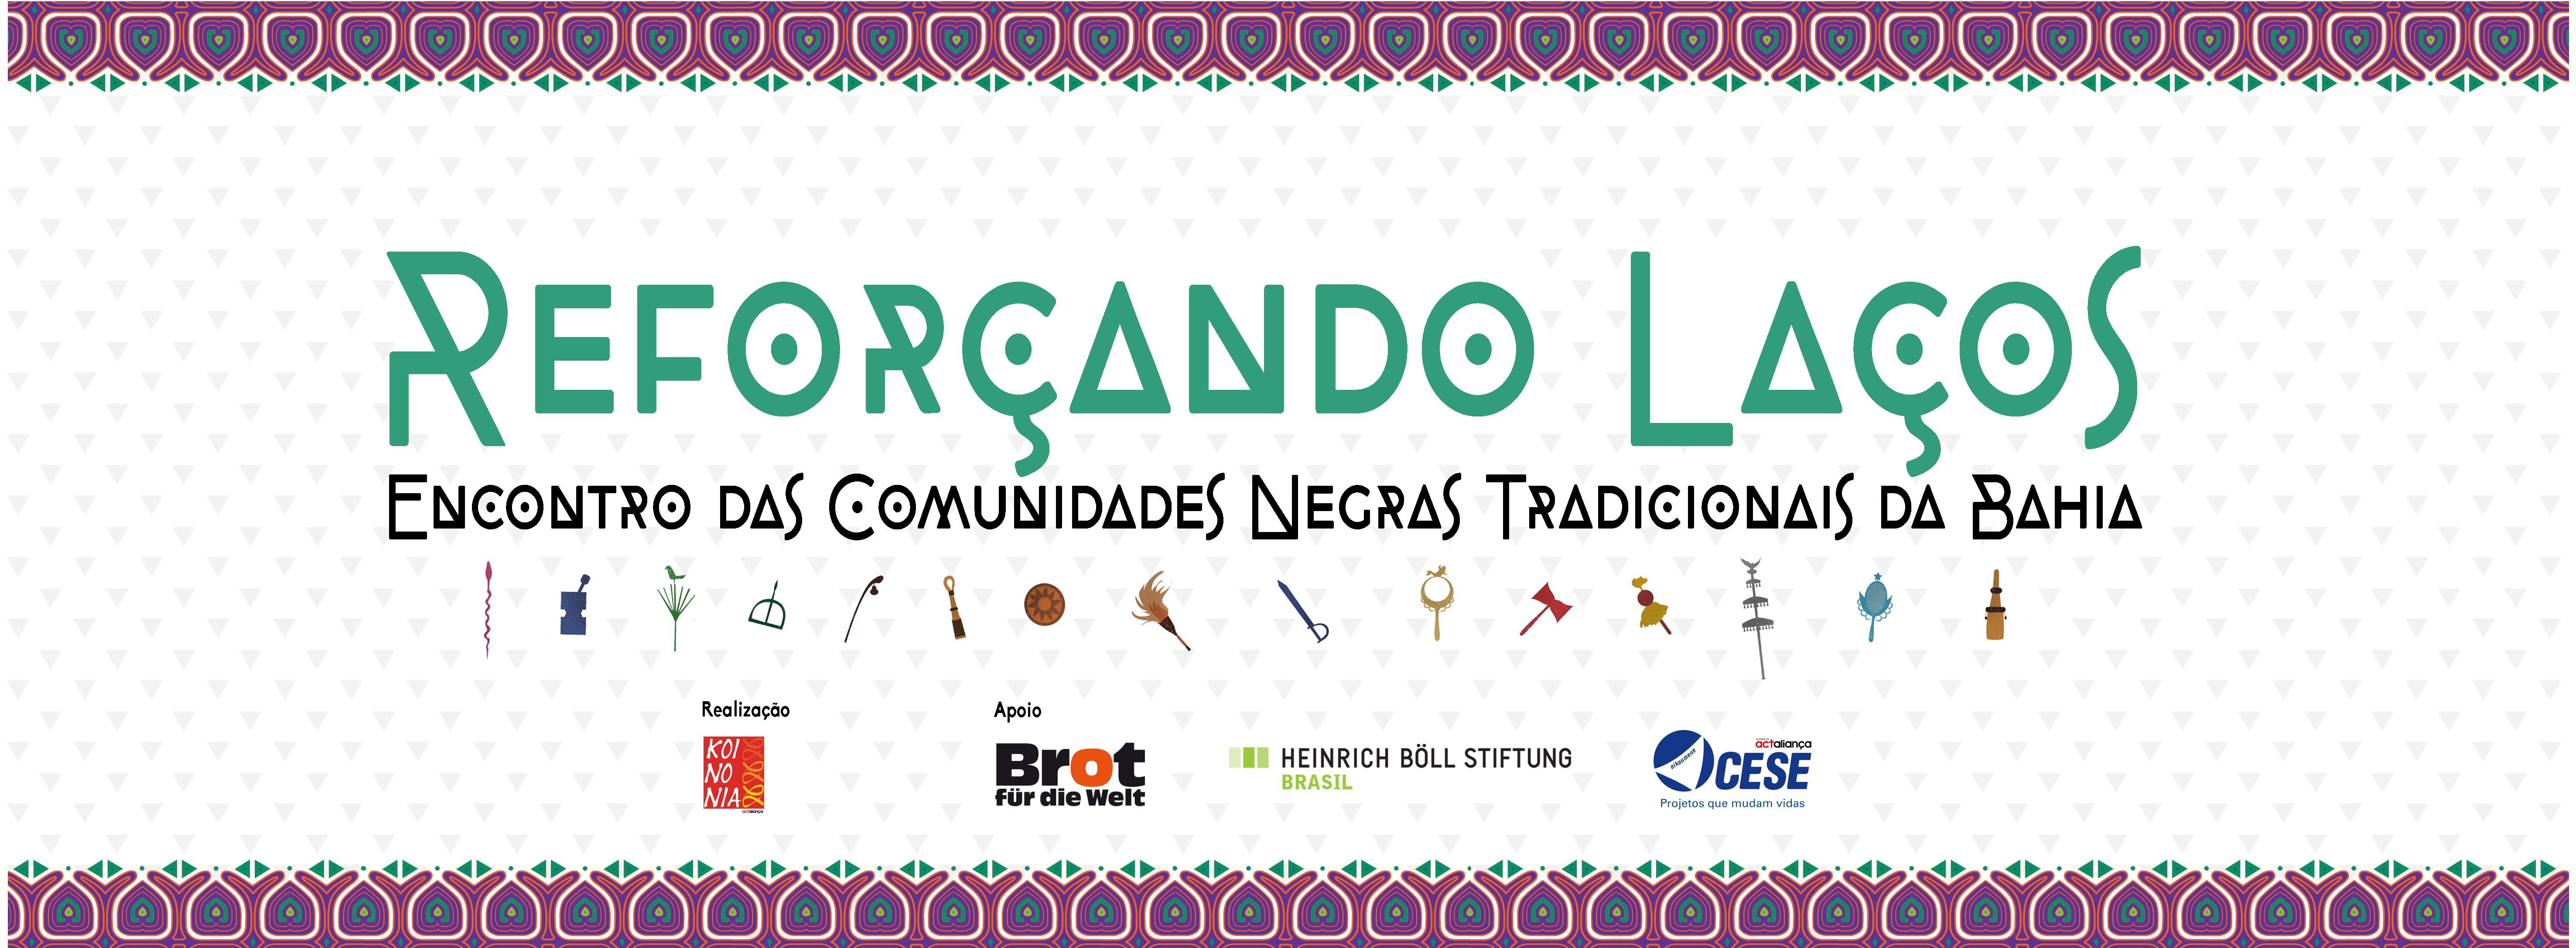 Reforçando Laços – Encontro de Comunidades Negras Tradicionais da Bahia